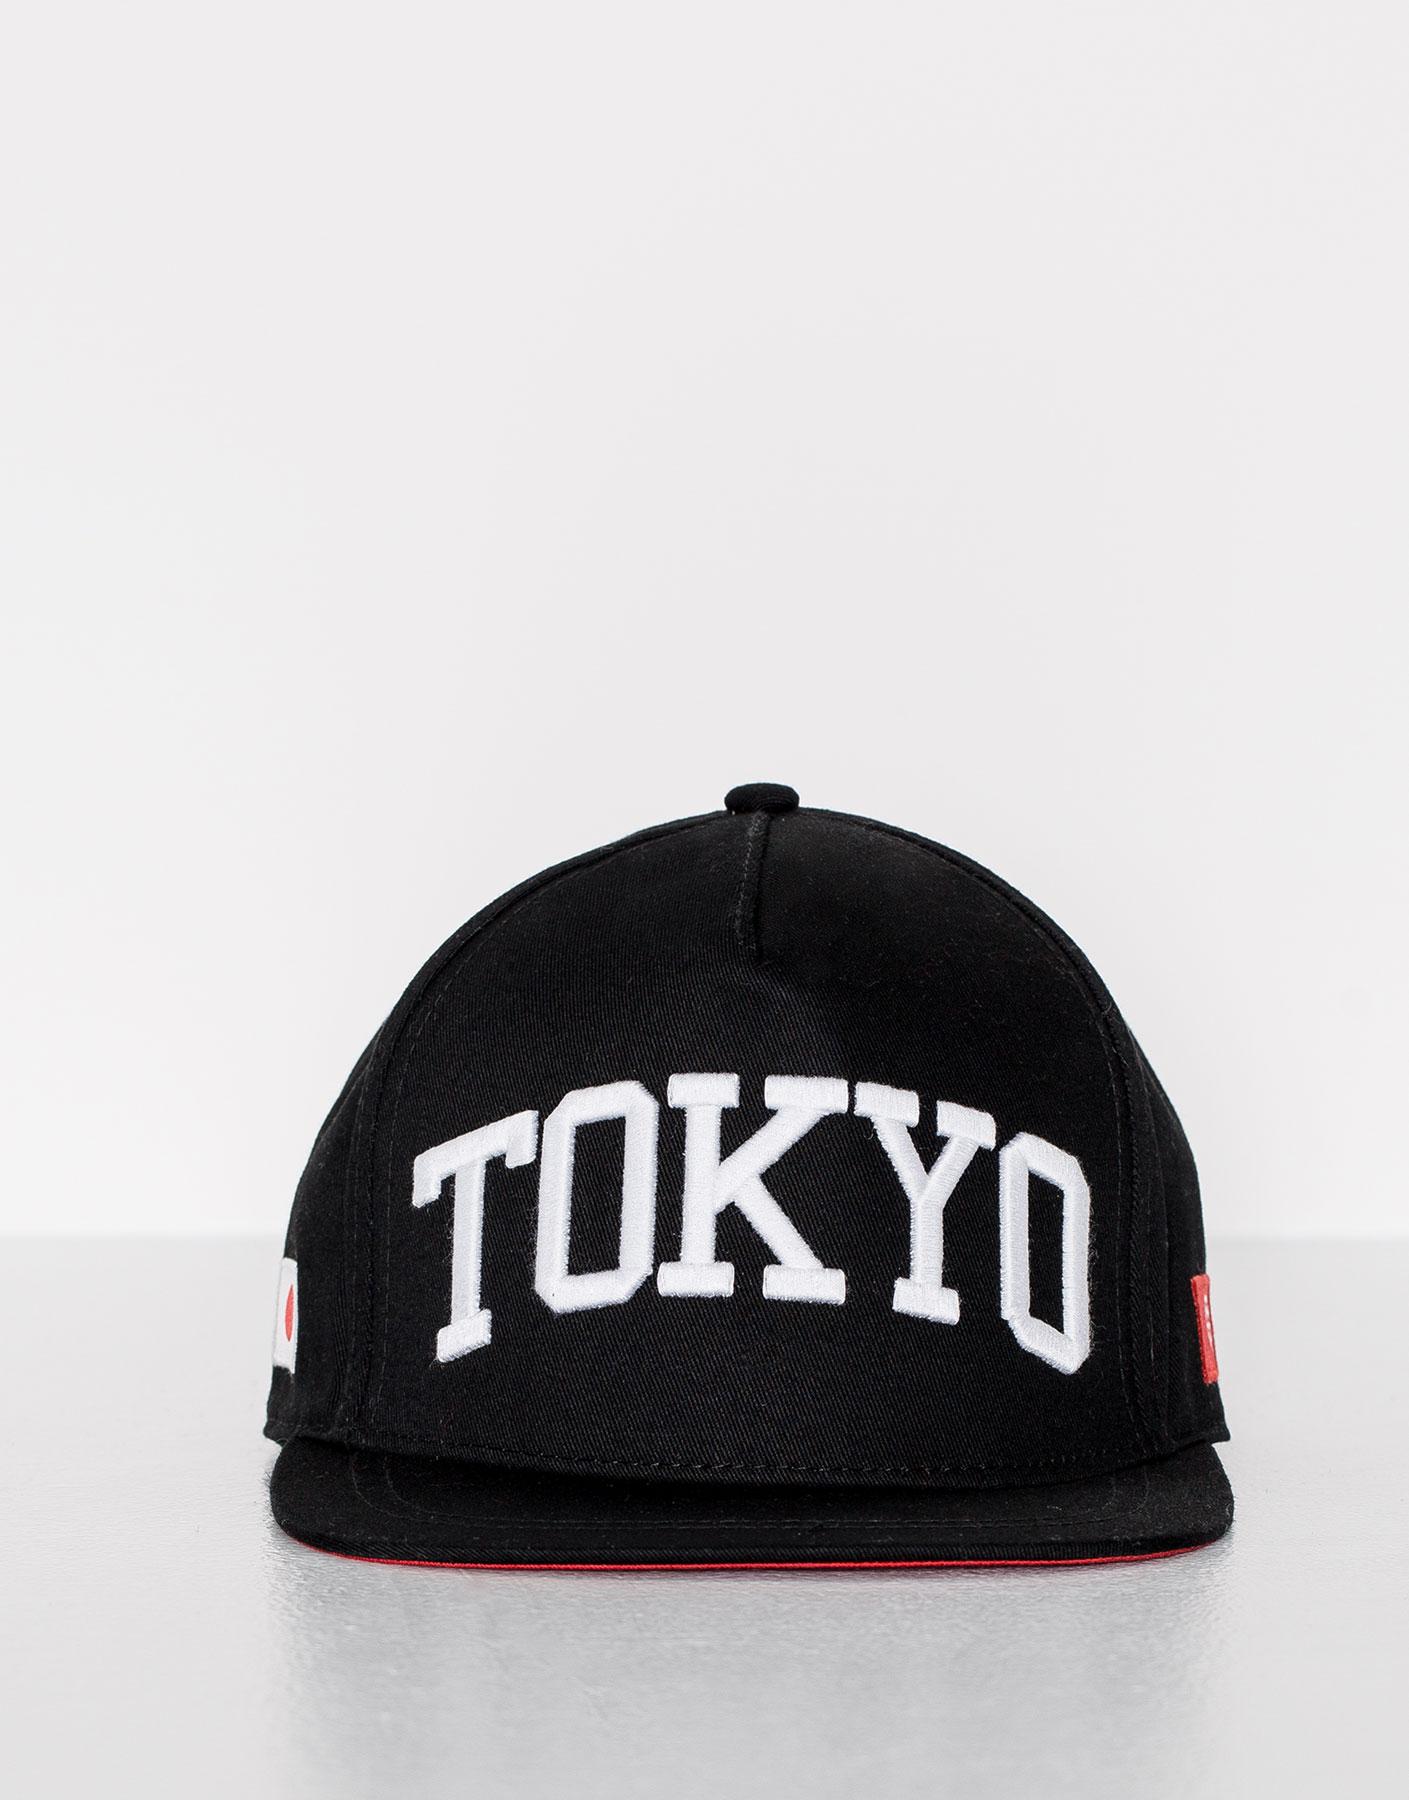 Black tokyo cap